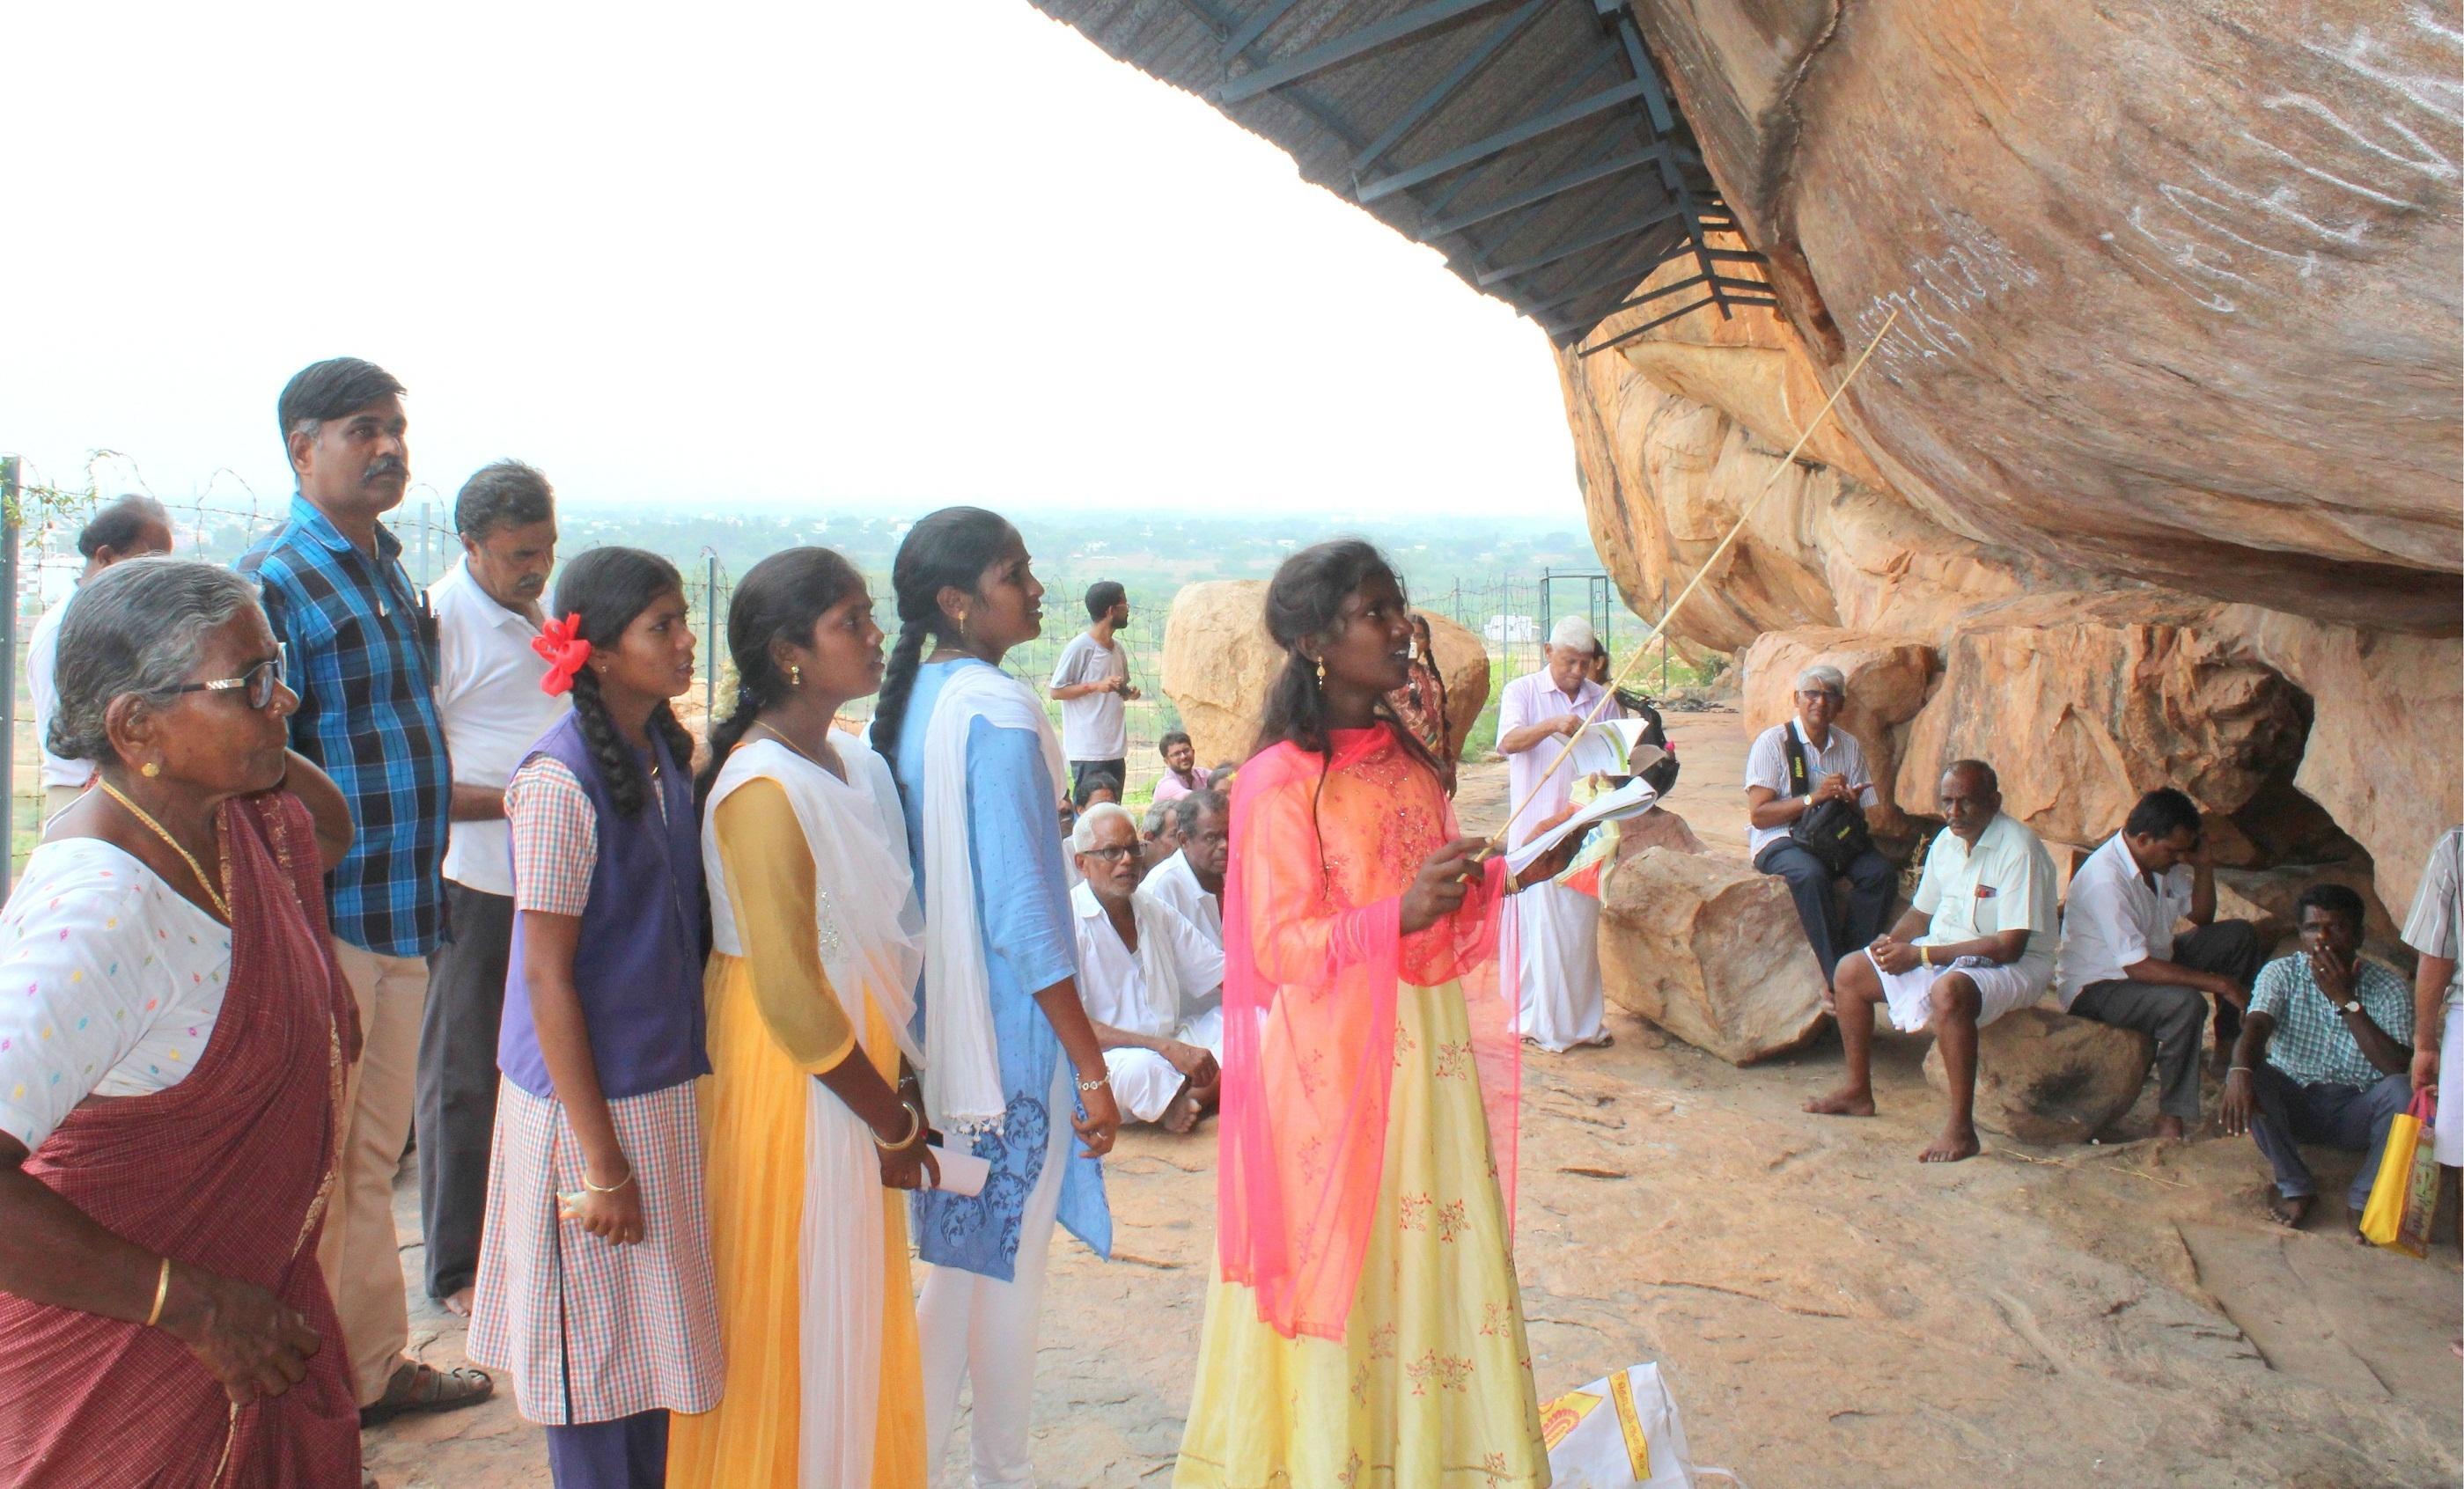 பயிலரங்கில் தமிழ் பிராமிக் கல்வெட்டுகளை படித்த மாணவிகள்